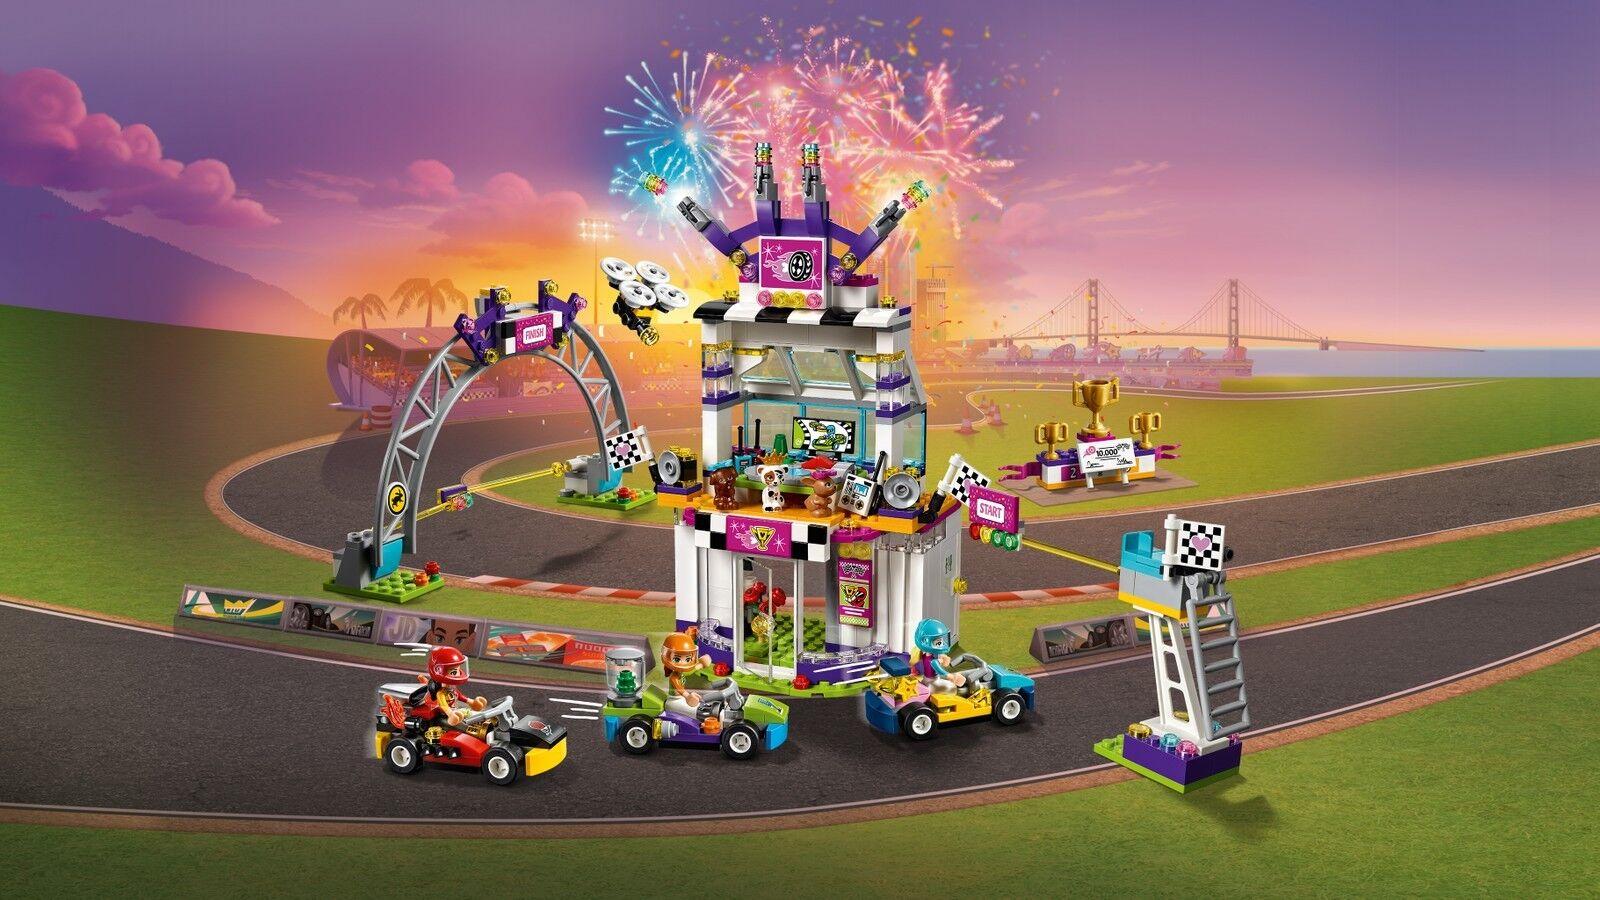 LEGO ® ® ® Friends 41352 La grande course Nouveau neuf dans sa boîte _ the Big Race Day NEW En parfait état, dans sa boîte scellée Boîte d'origine jamais ouverte 2a44da